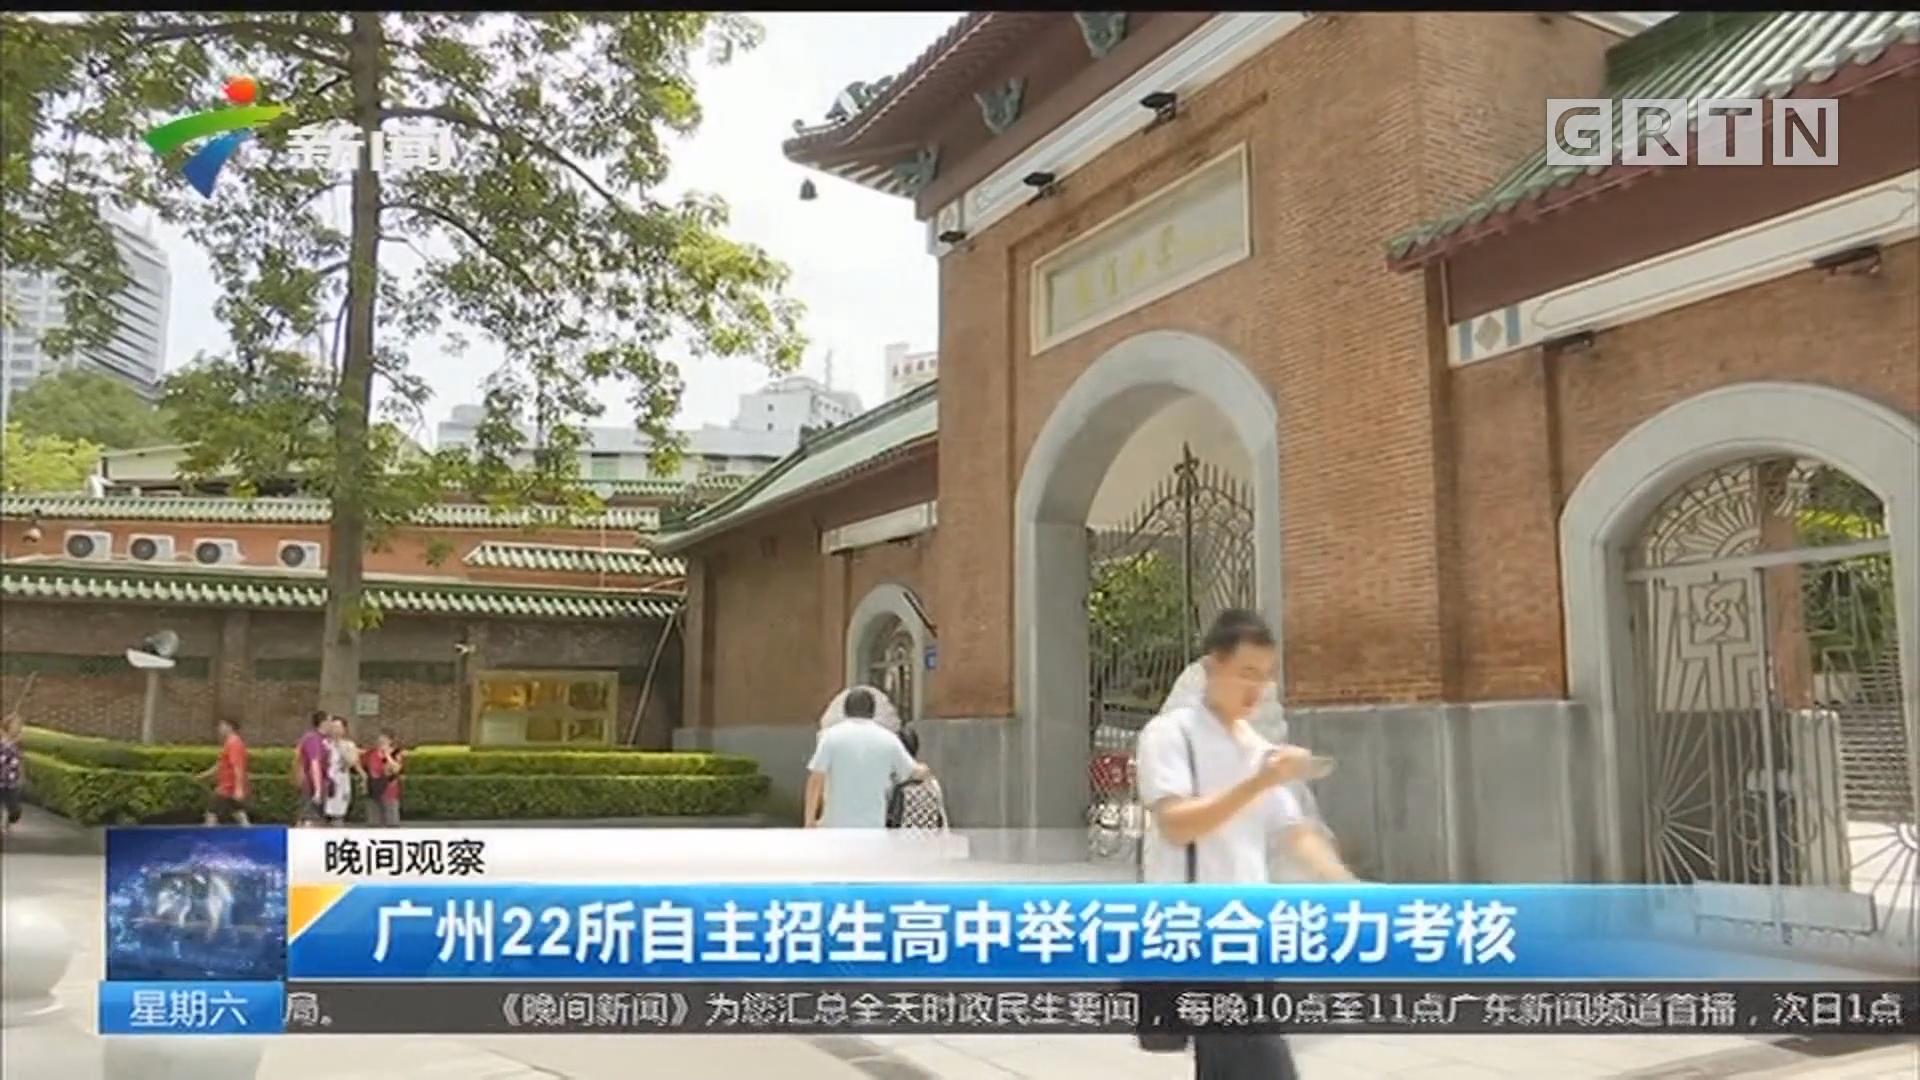 广州22所自主招生高中举行综合能力考核